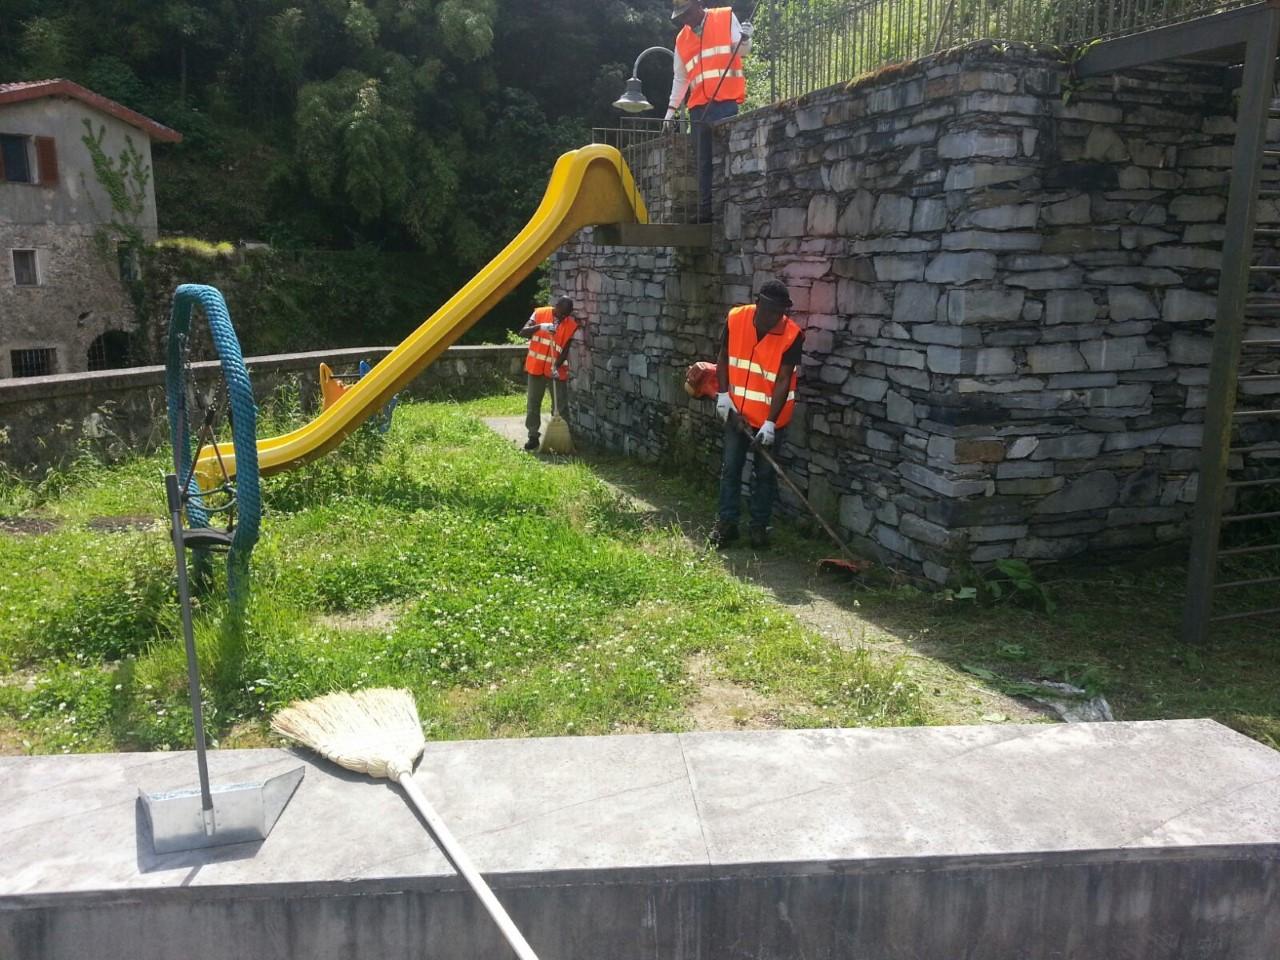 I rifugiati accolti a Stazzema ripuliscono strade, piazze e giardini